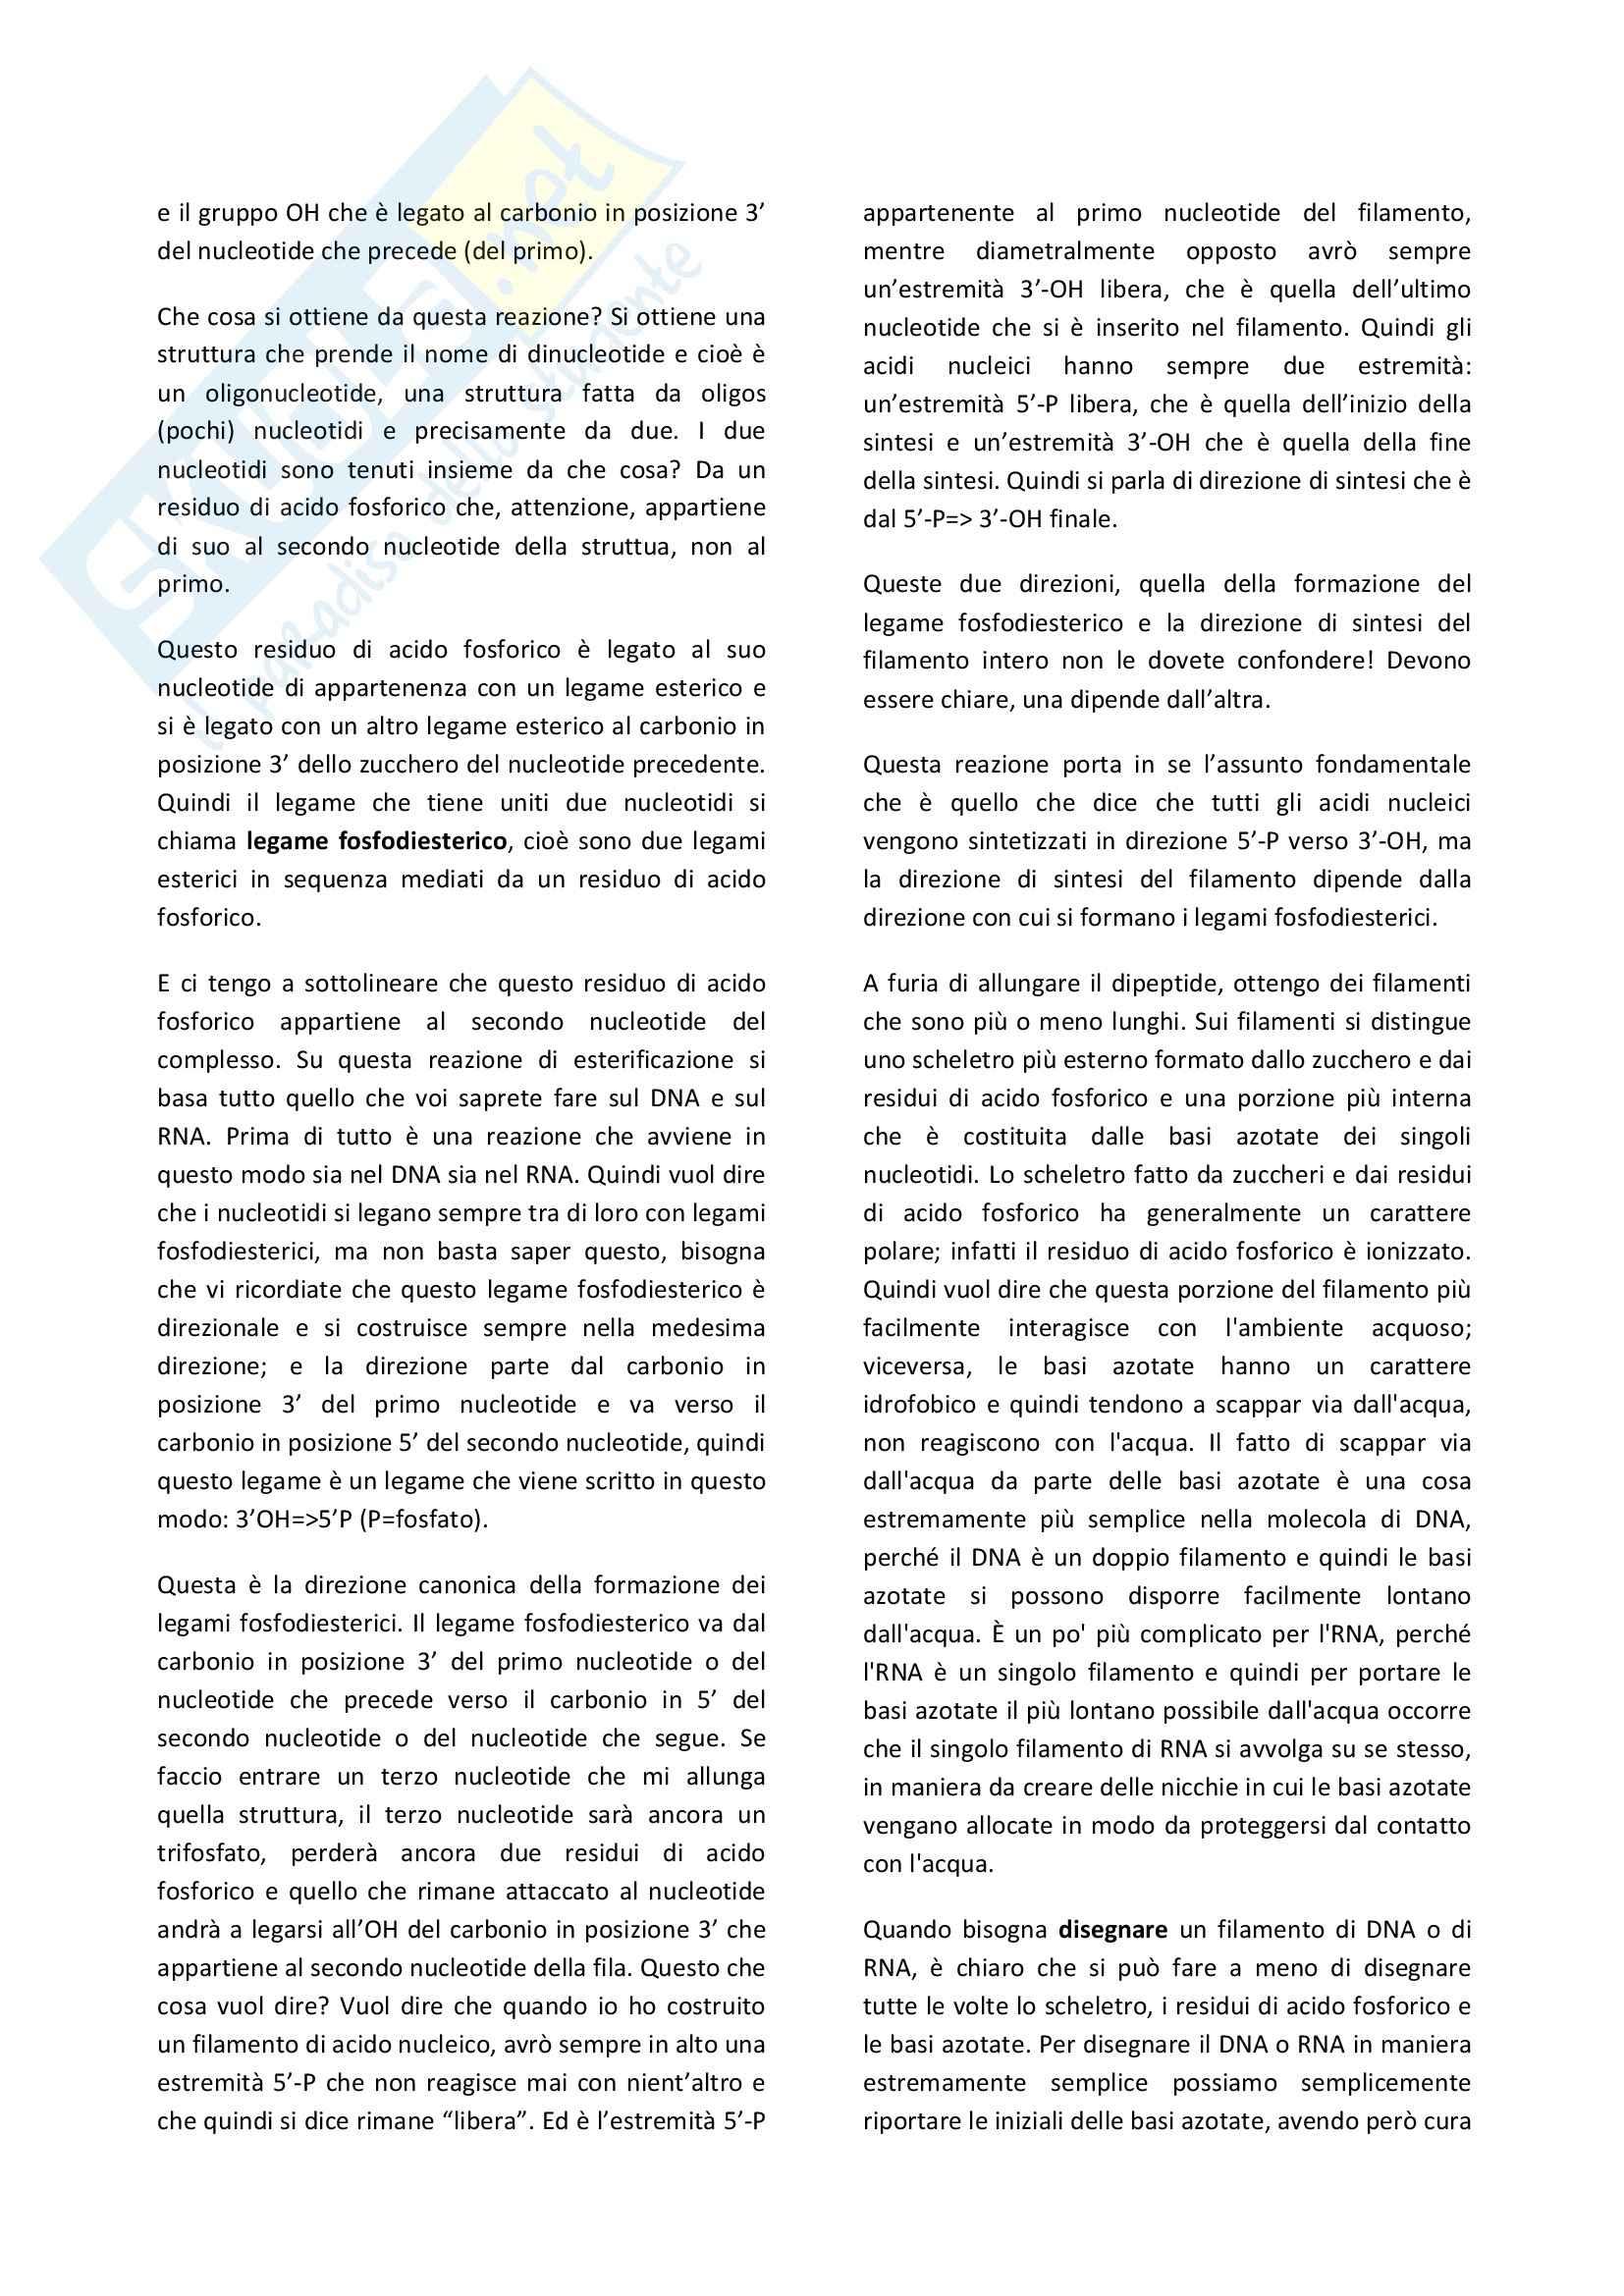 Biologia cellulare - il dogma centrale della biologia e la struttura del DNA Pag. 6